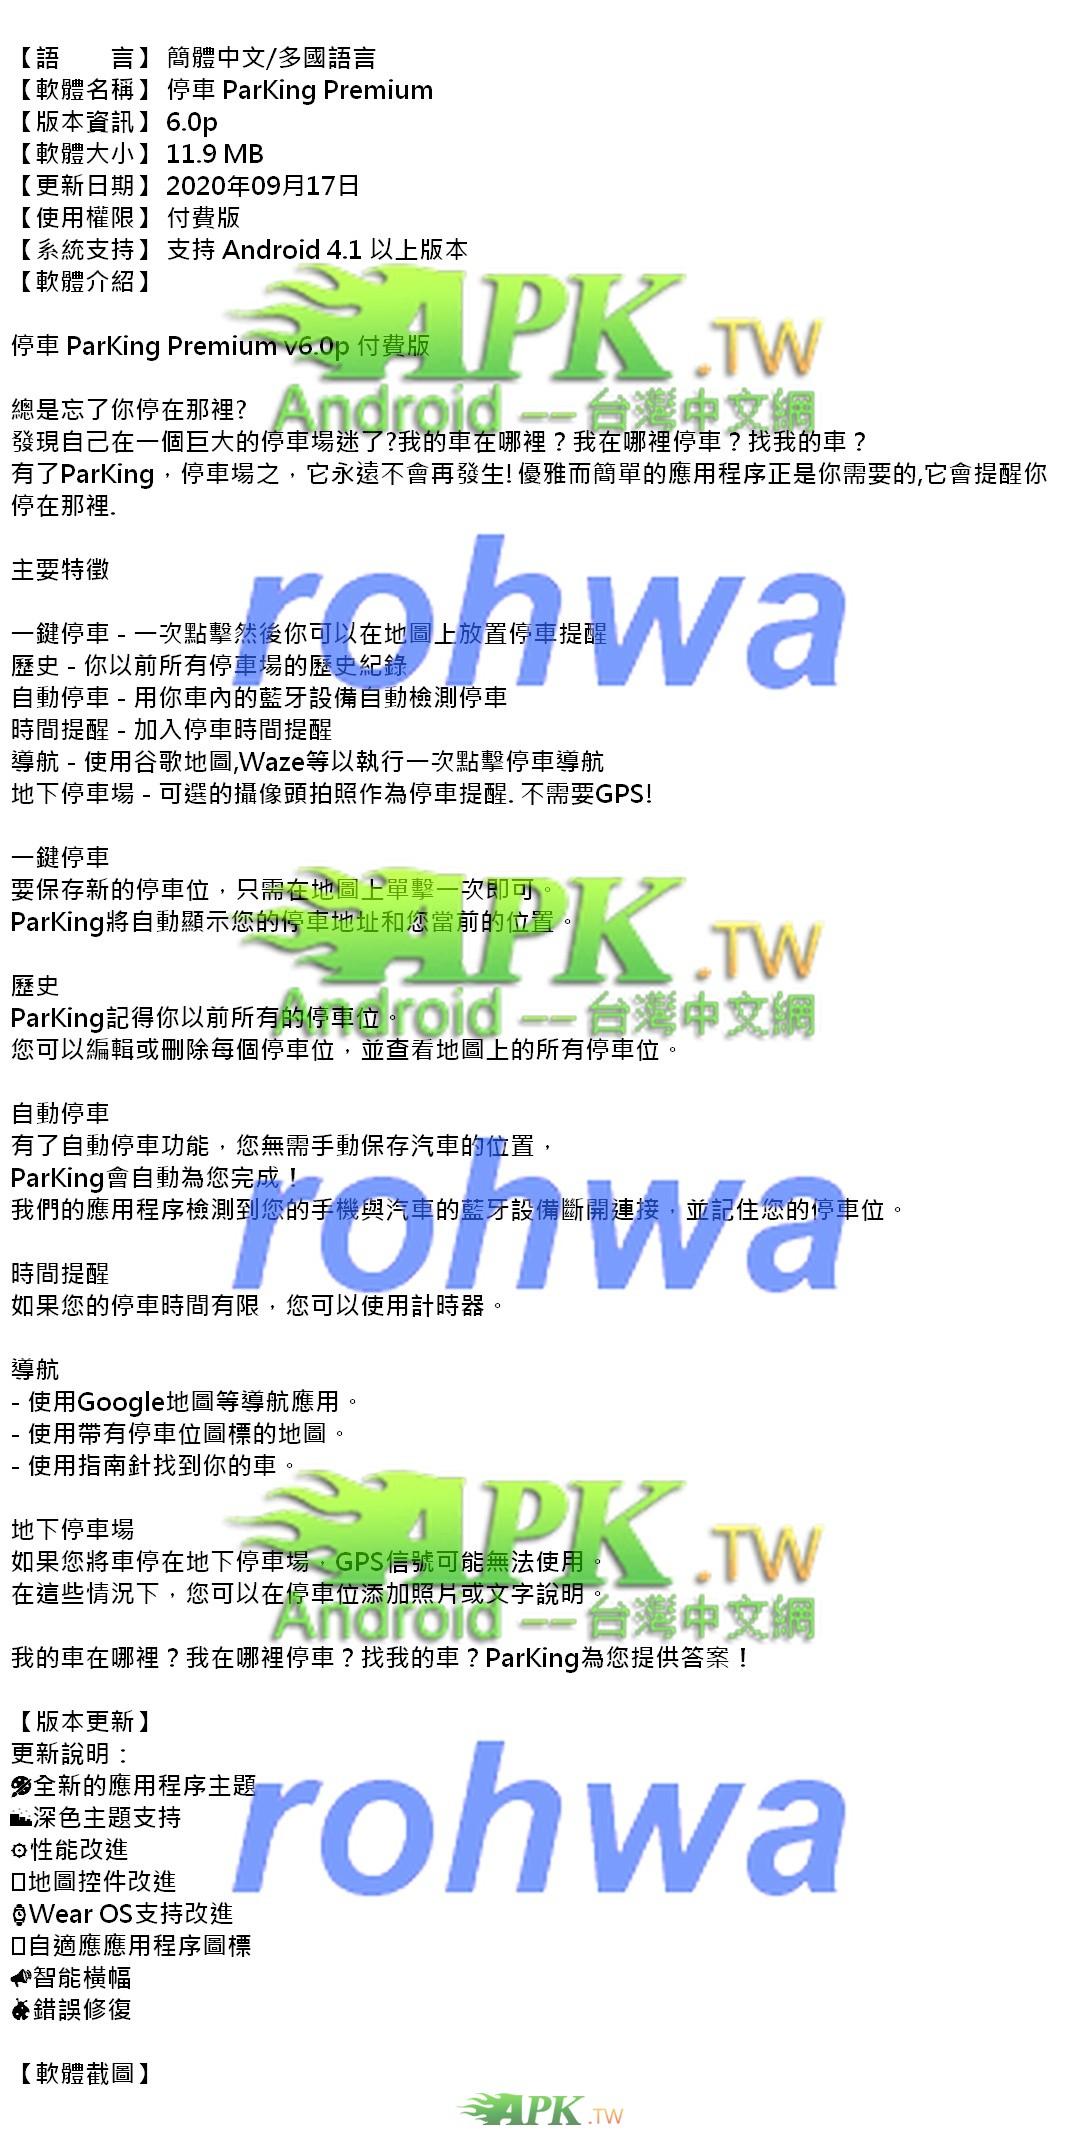 ParKing_Premium_6.0p_.jpg